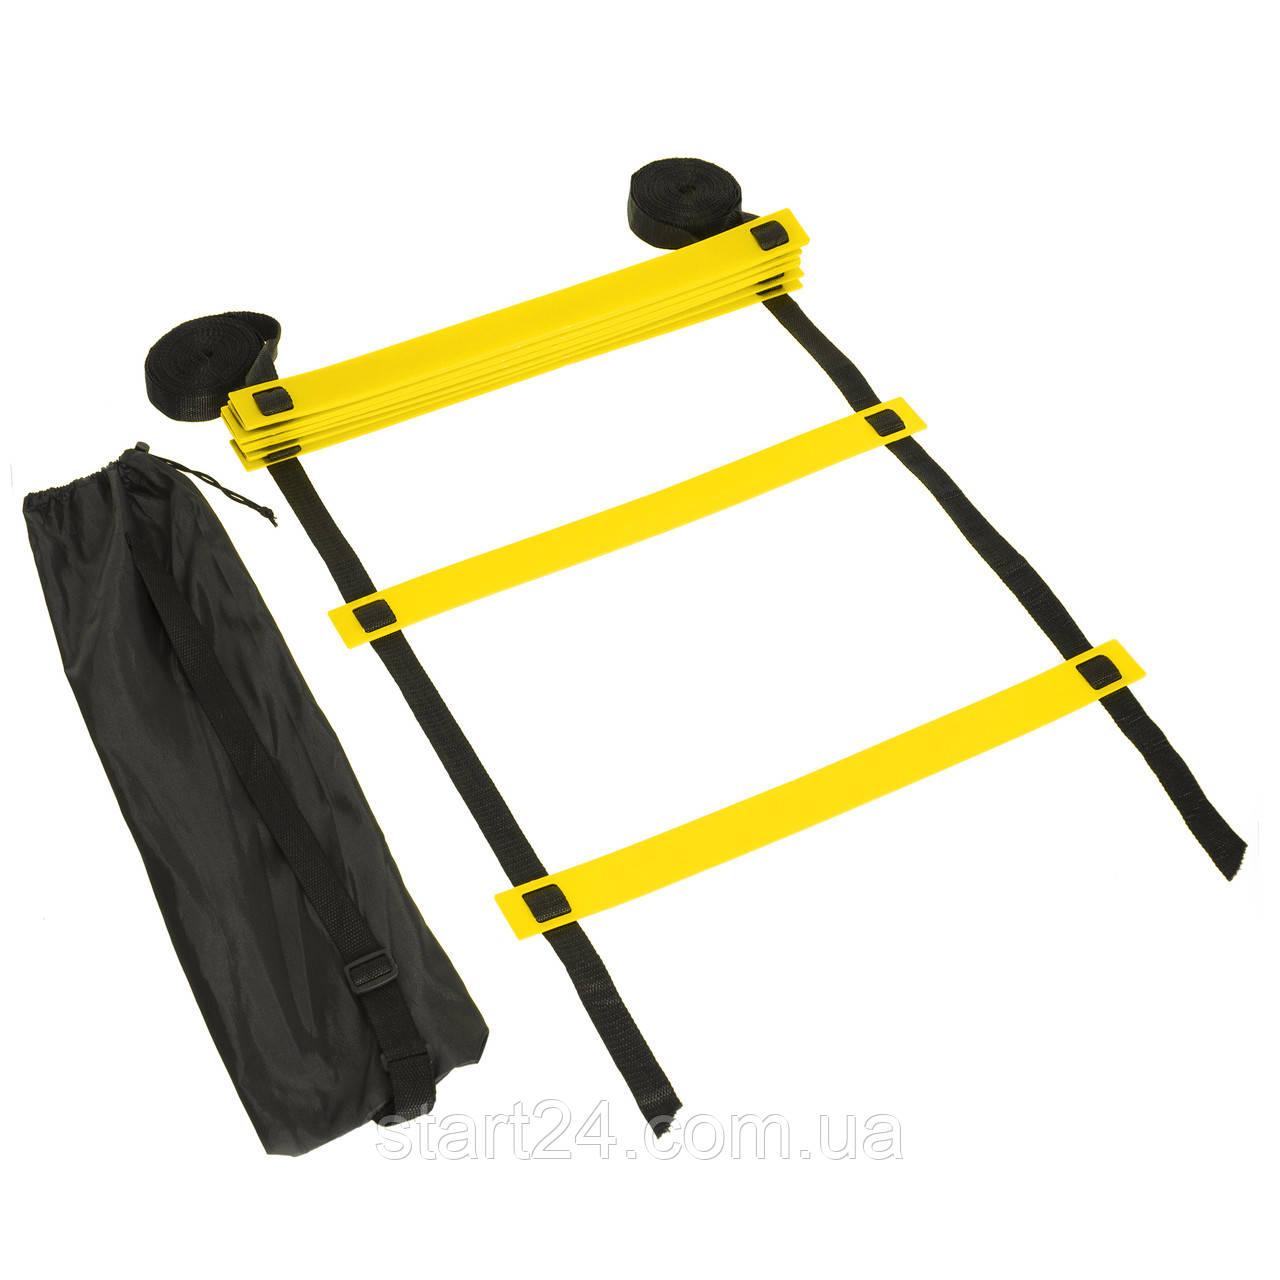 Координационная лестница дорожка для тренировки скорости 6м (12 перекладин) C-4606 (6мx0,52мx2мм, цвета в